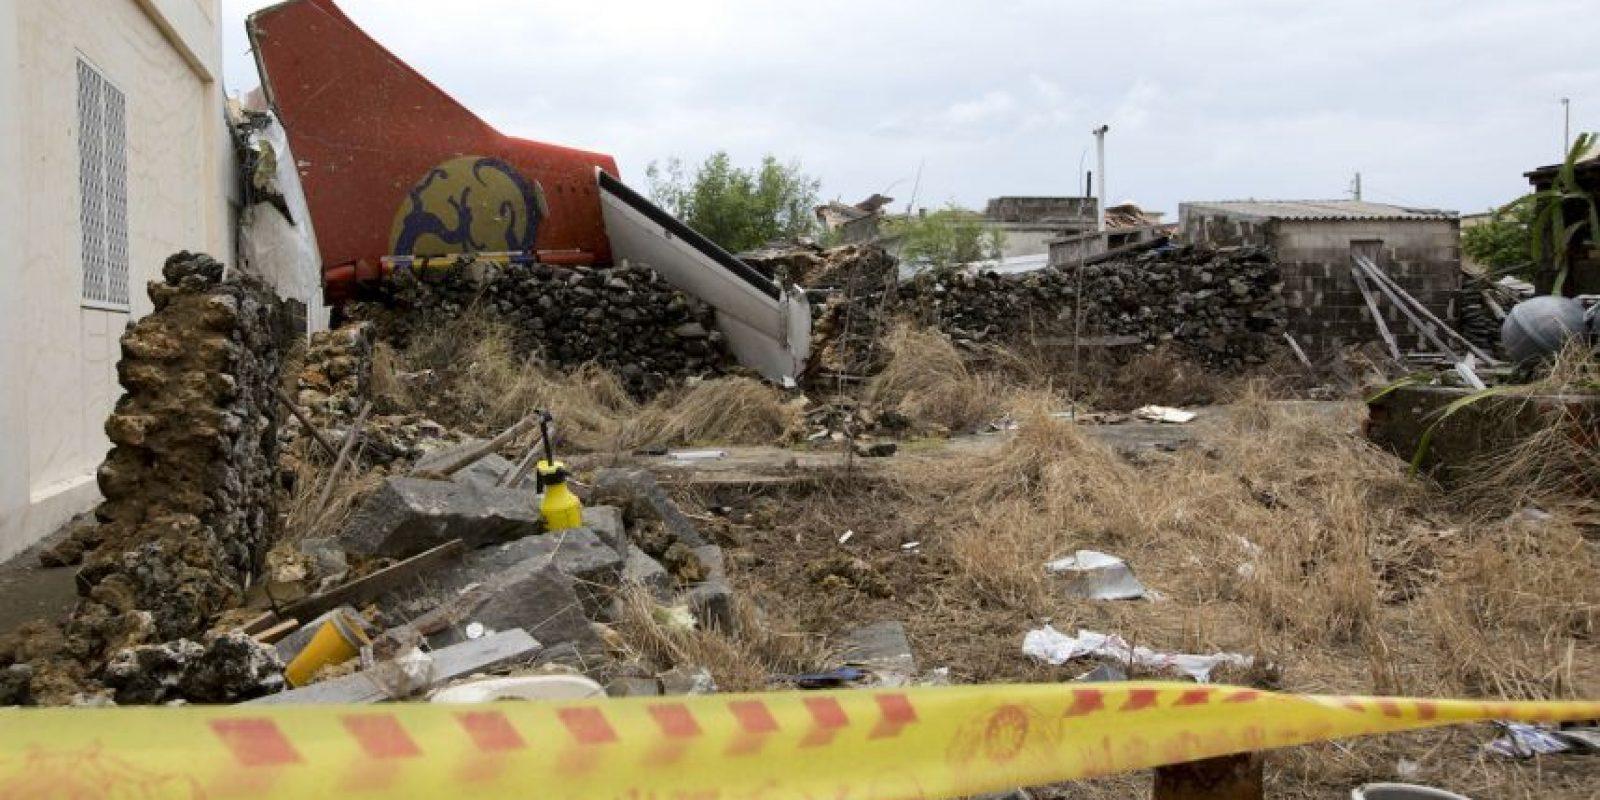 23 de julio- Un avión de TransAsia Airways se estrelló en la costa de Taiwan. Según reportó el portal Pulzo, 48 personas que iban en el vuelo GE222 fallecieron y 10 lograron sobrevivir al accidente. Foto:Getty